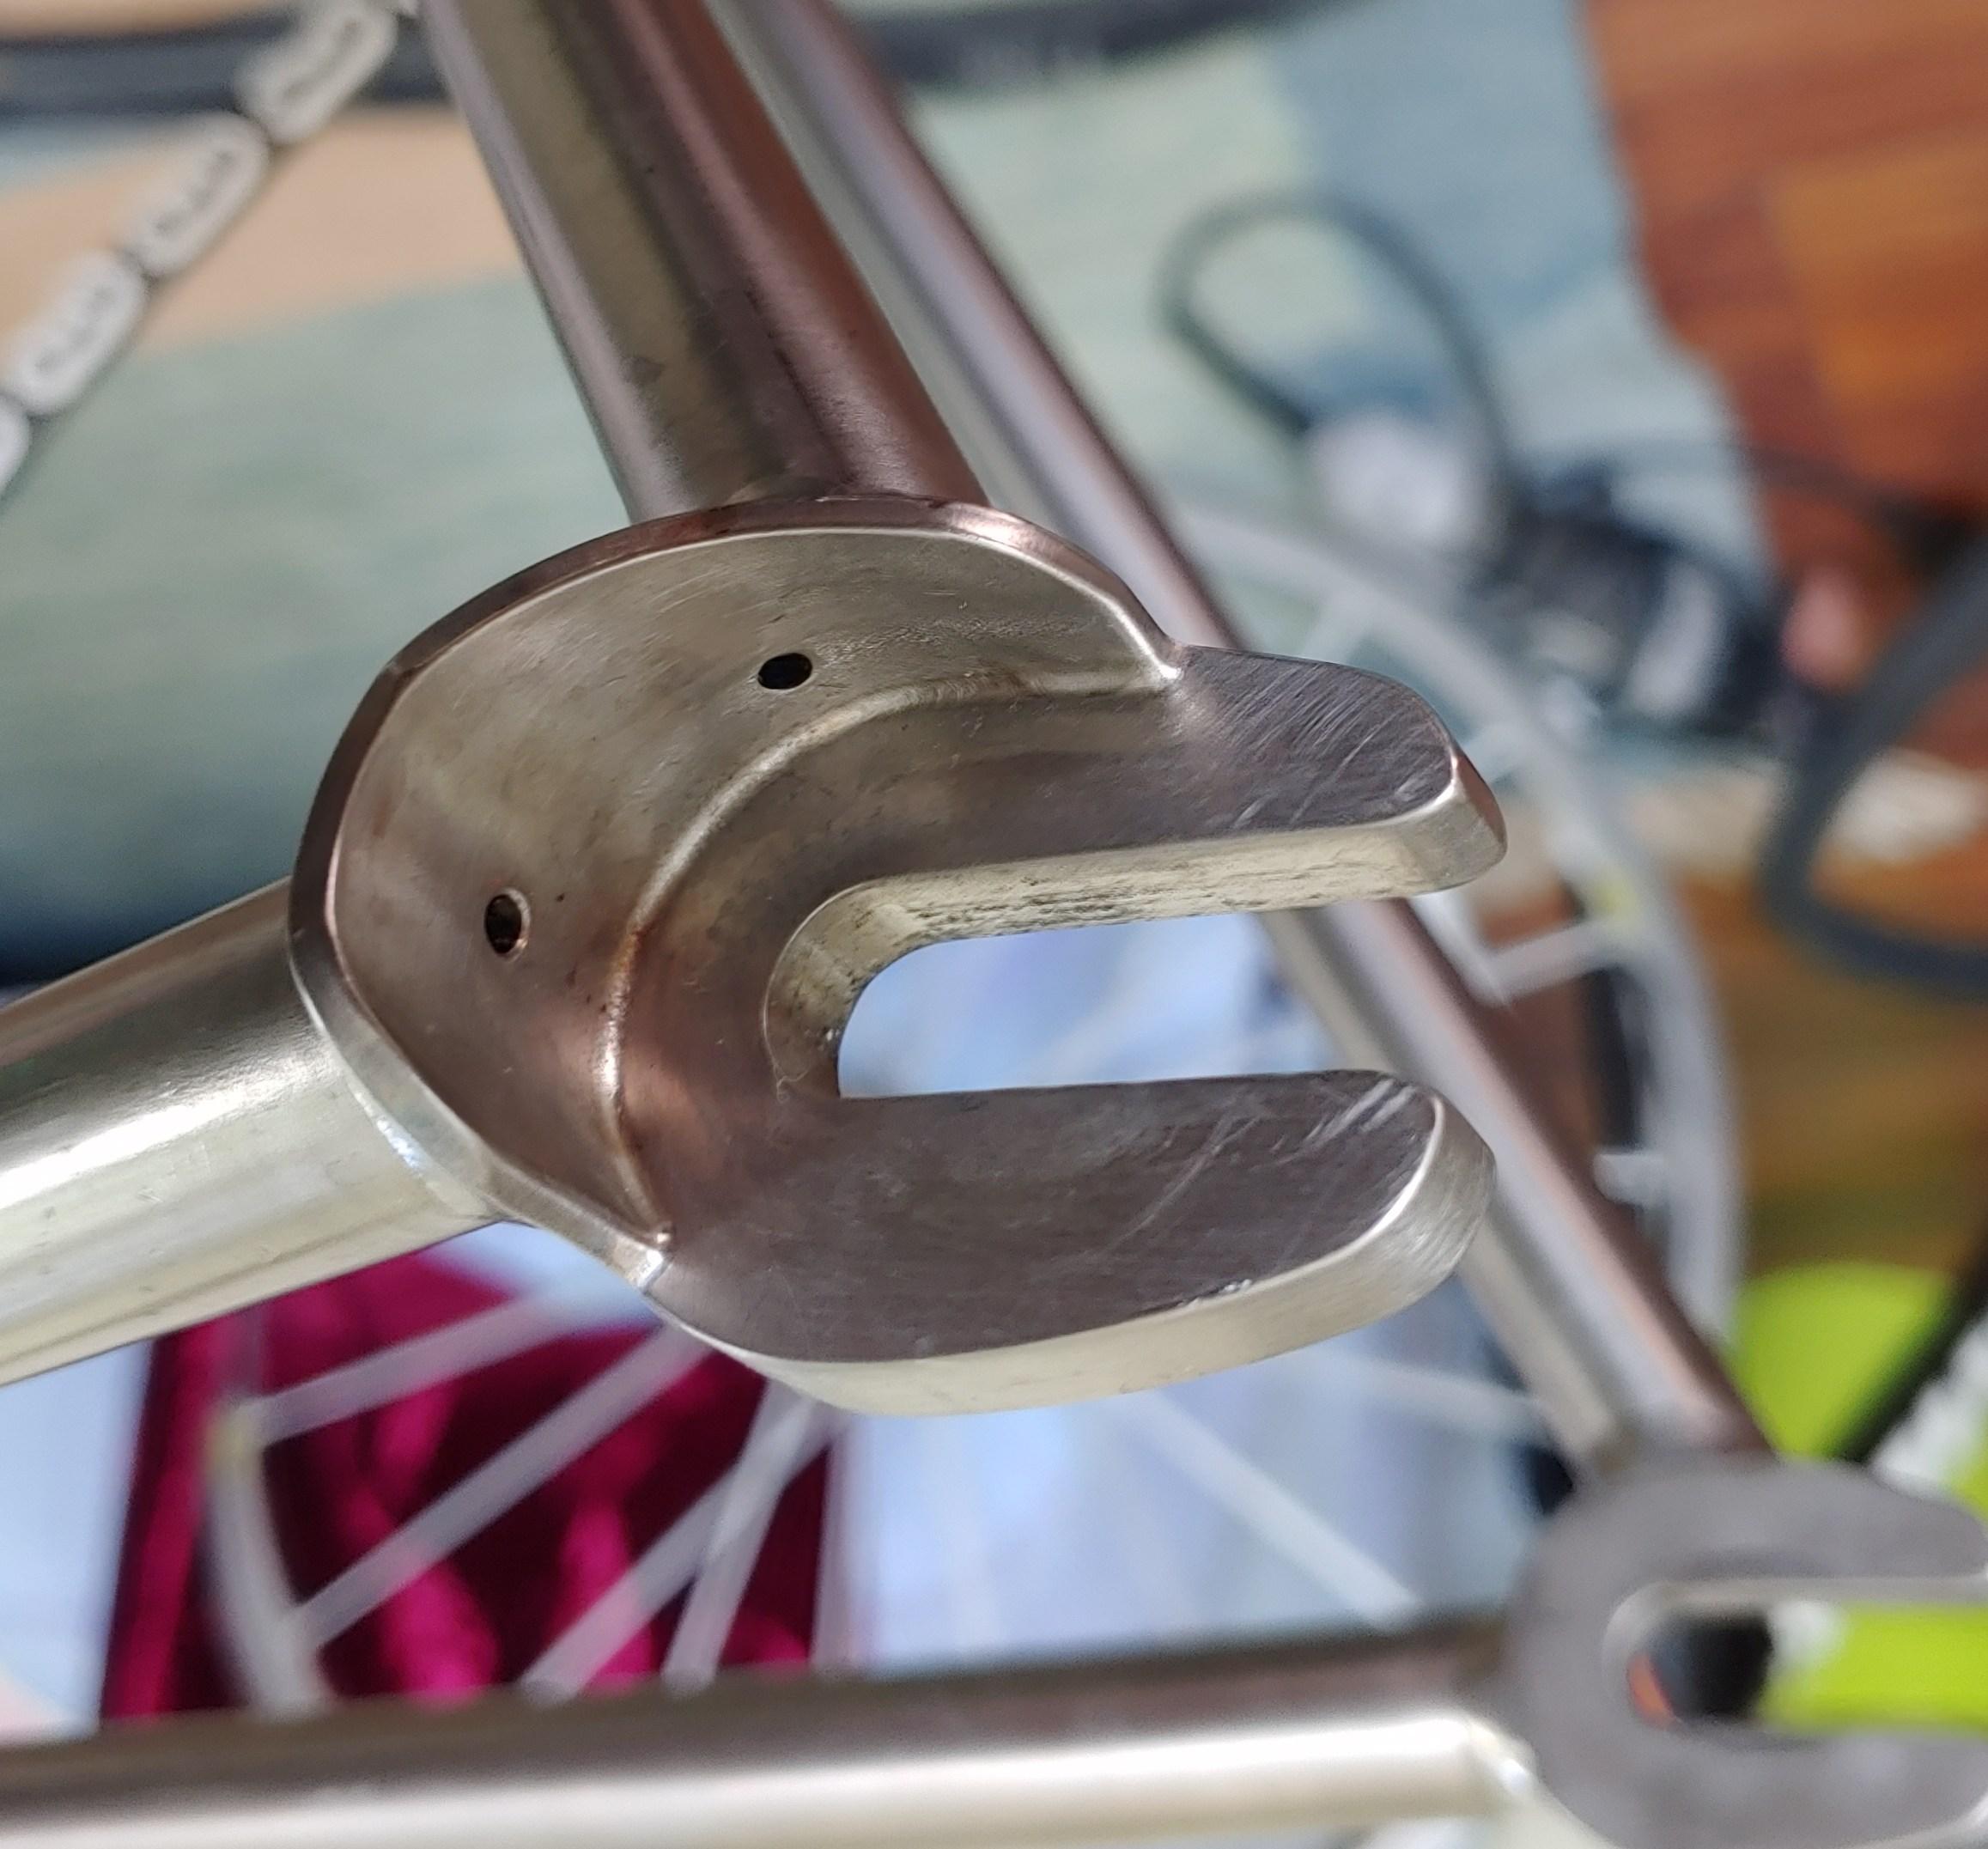 Mauntn bike scoot in 9150 Bleiburg fr 300,00 zum Verkauf